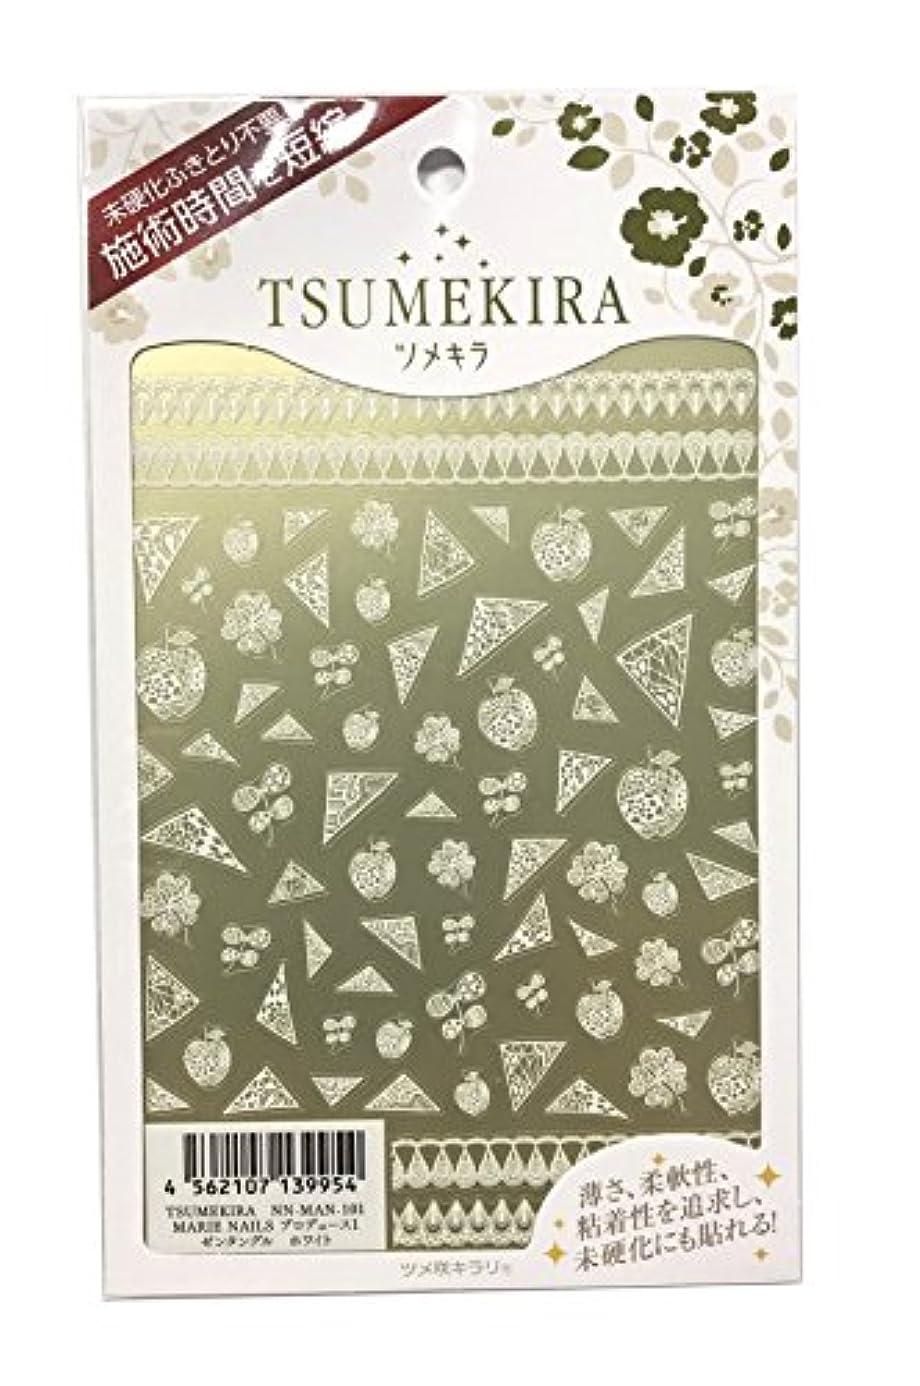 エクスタシー充実周りツメキラ(TSUMEKIRA) ネイル用シール ゼンタングル ホワイト NN-MAN-101